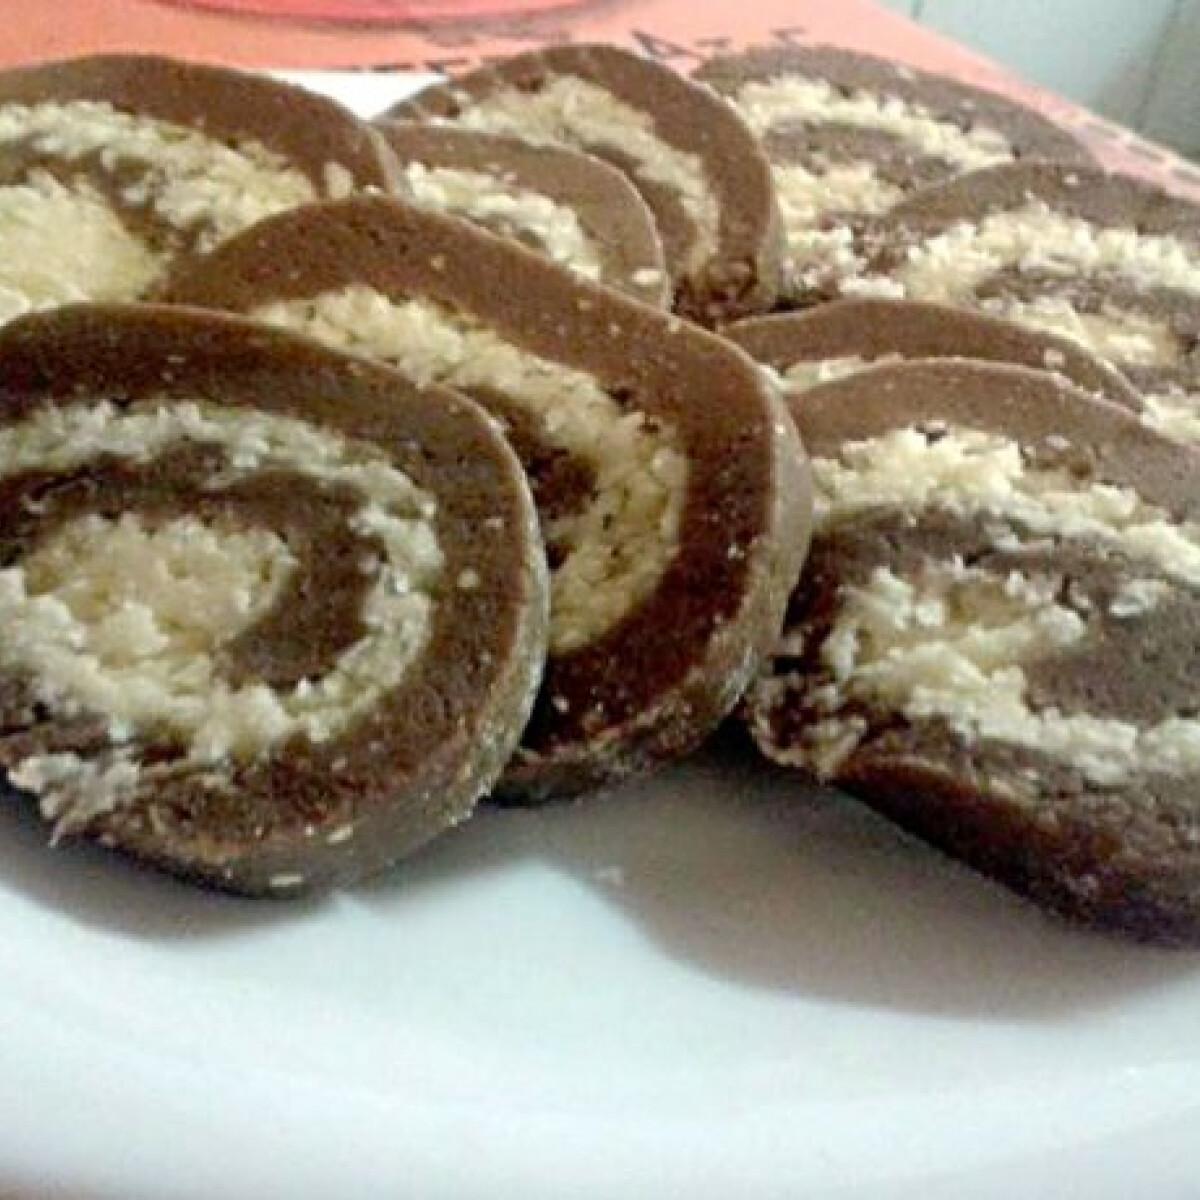 Kókuszos keksztekercs Vikóca konyhájából